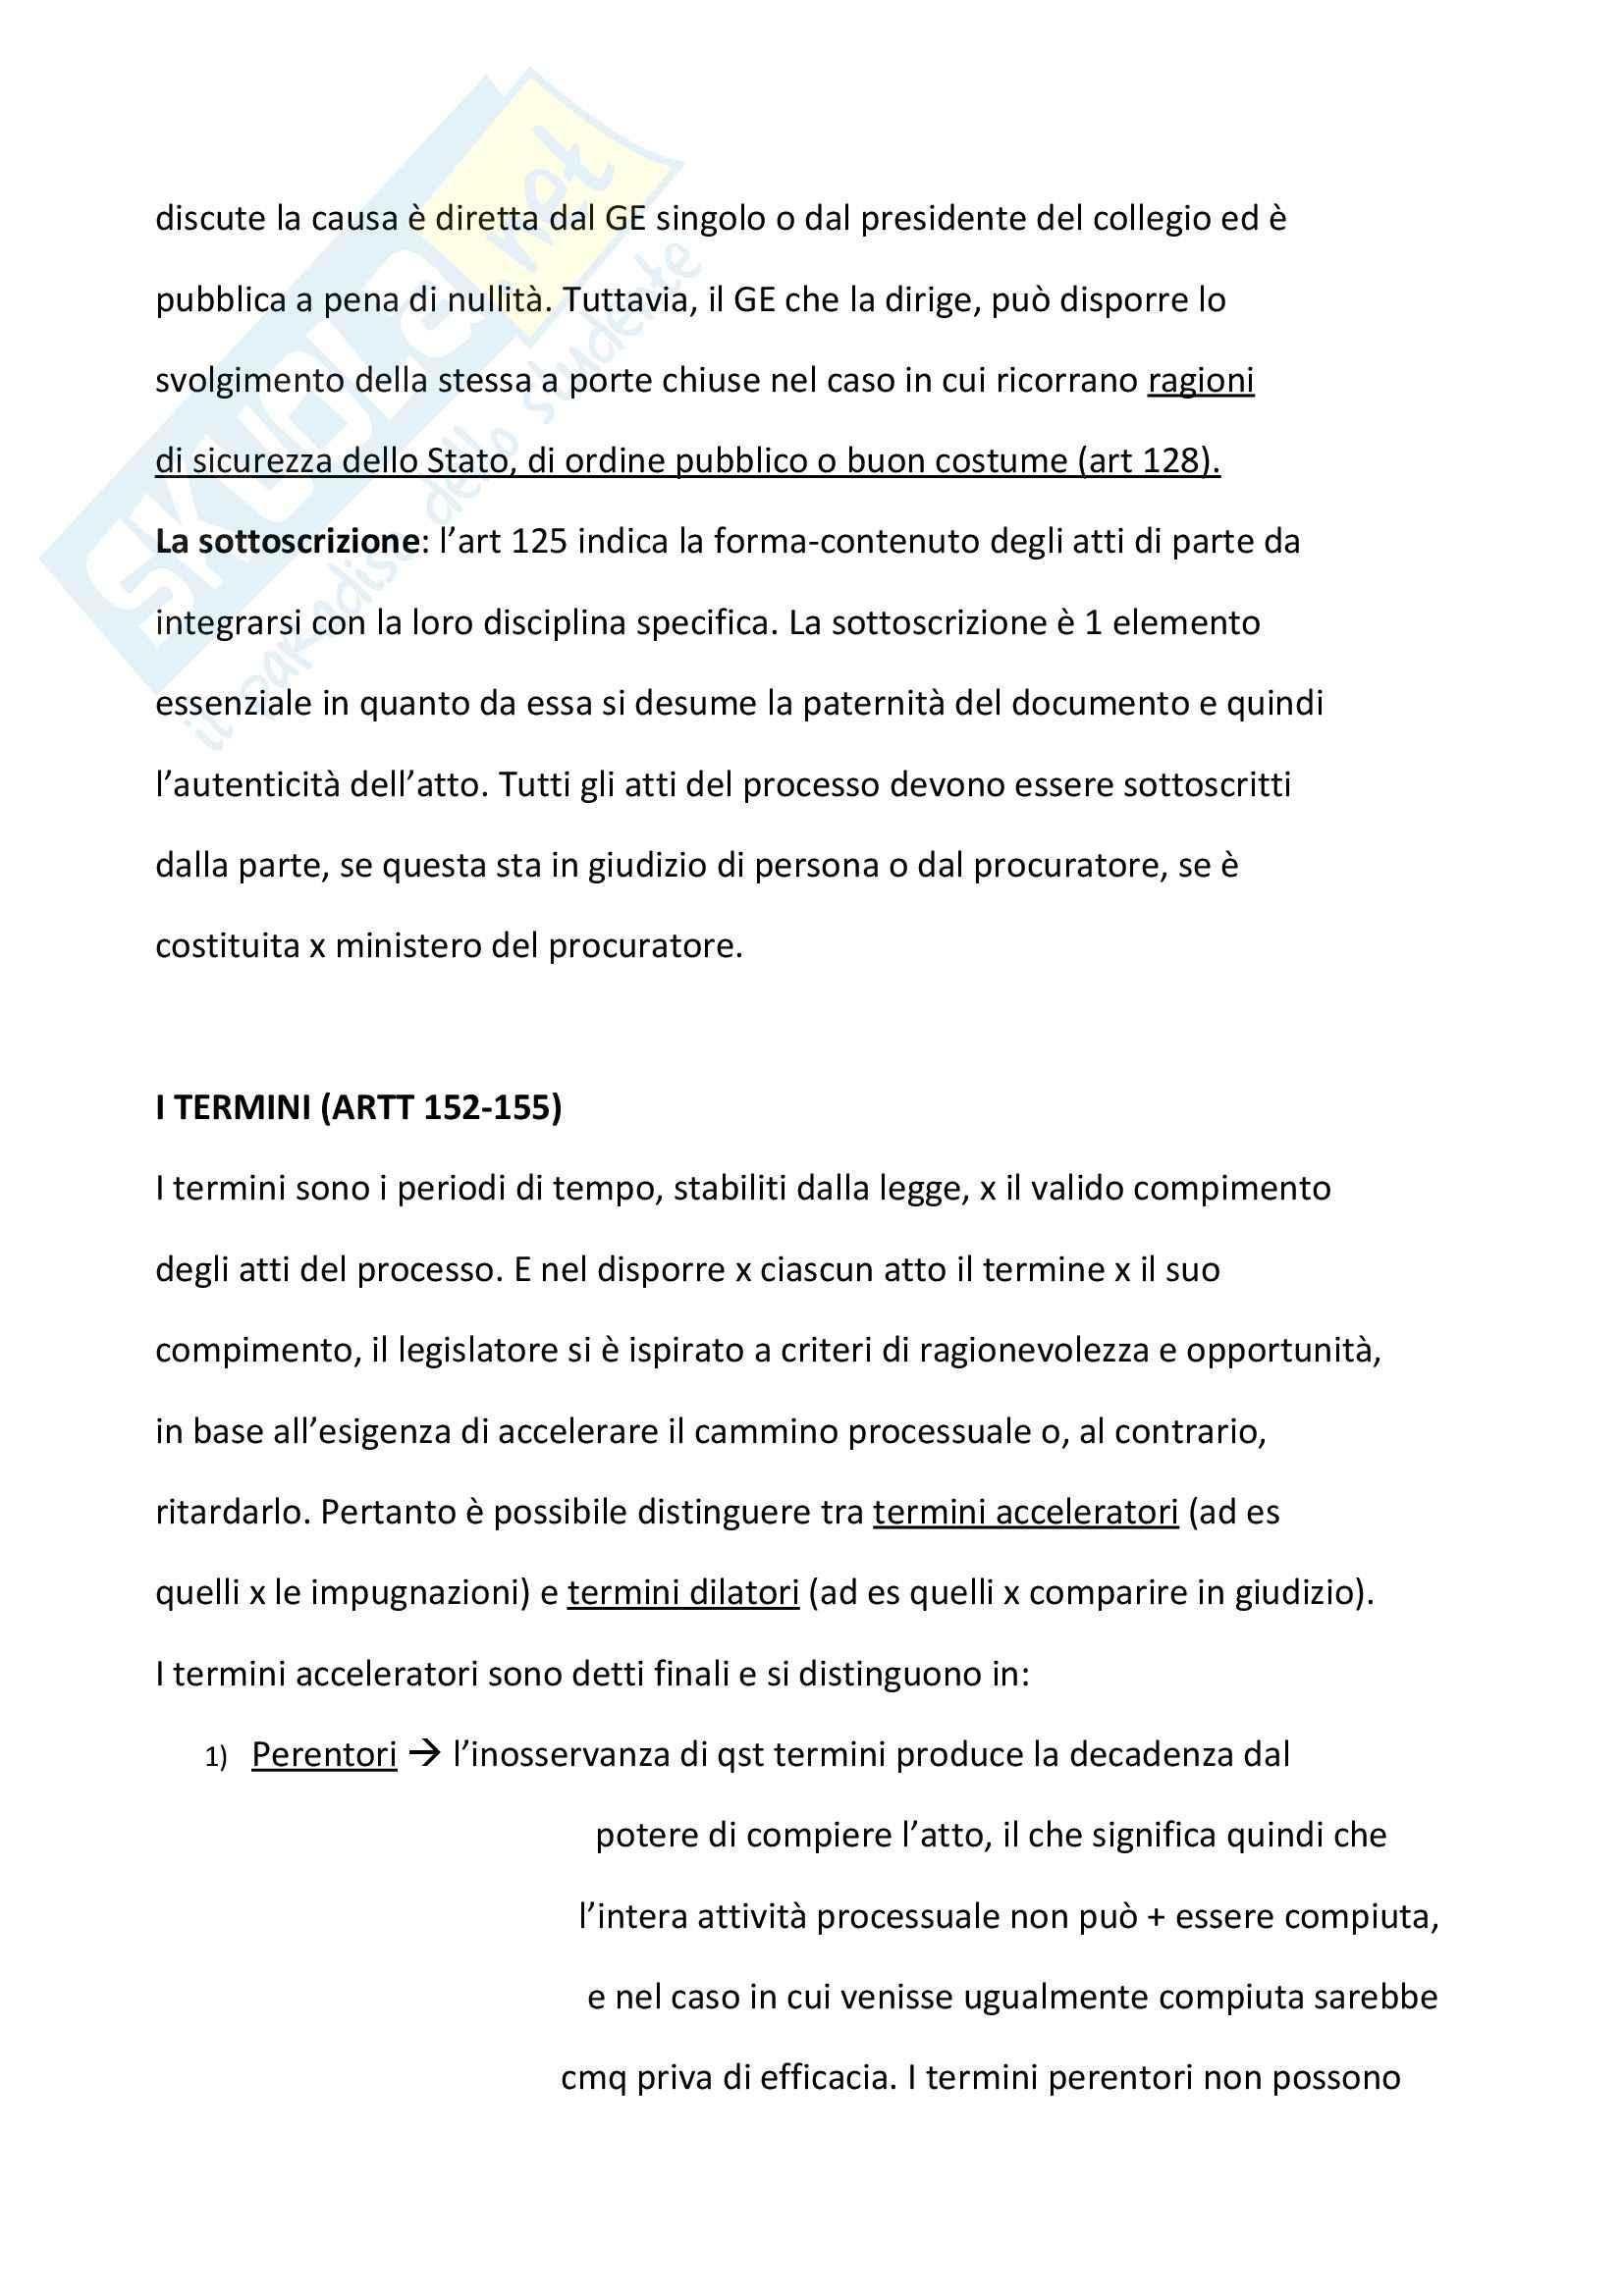 Diritto processuale civile - atti processuali, GE e termini Pag. 6